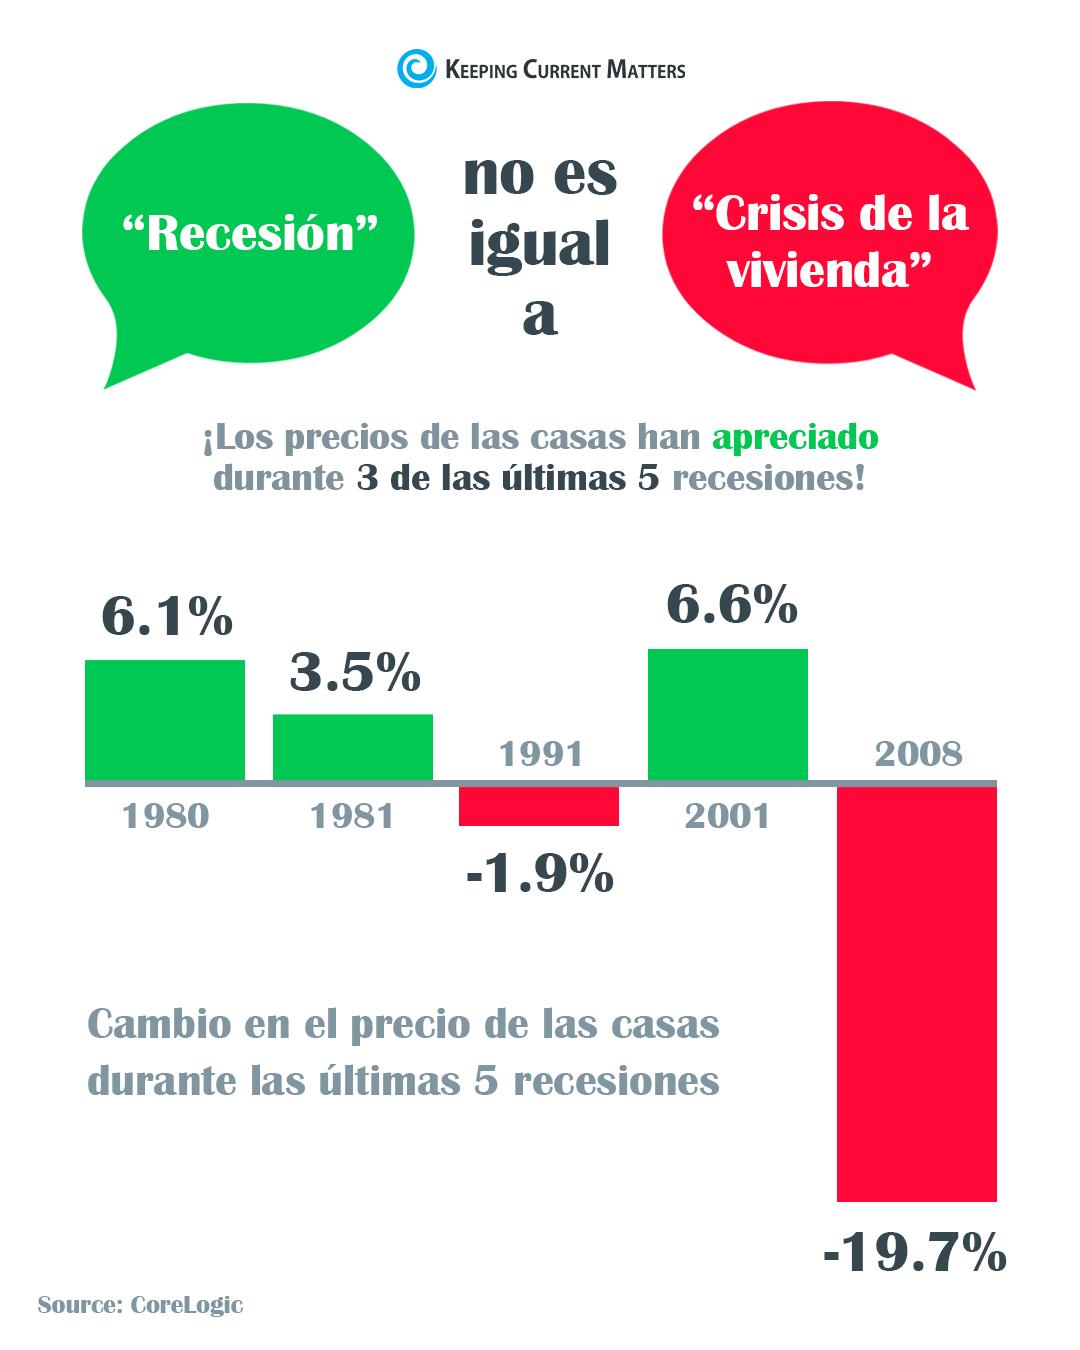 Una recesión no es igual a una crisis de la vivienda [Infografía] | Keeping Current Matters